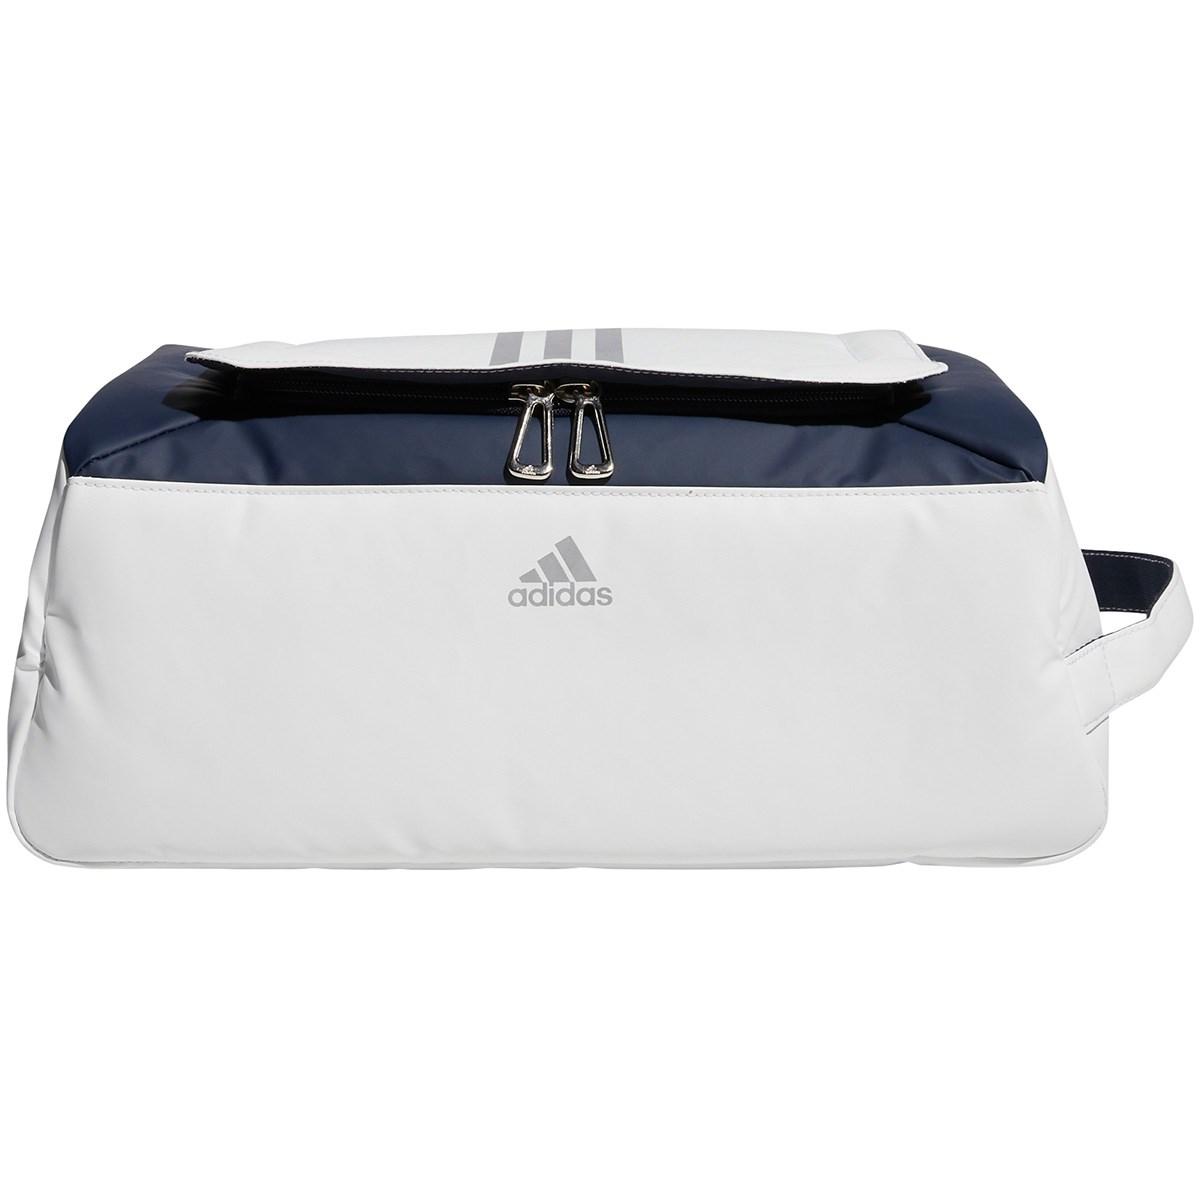 アディダス Adidas シルバーロゴ リサイクル シューズバッグ ホワイト